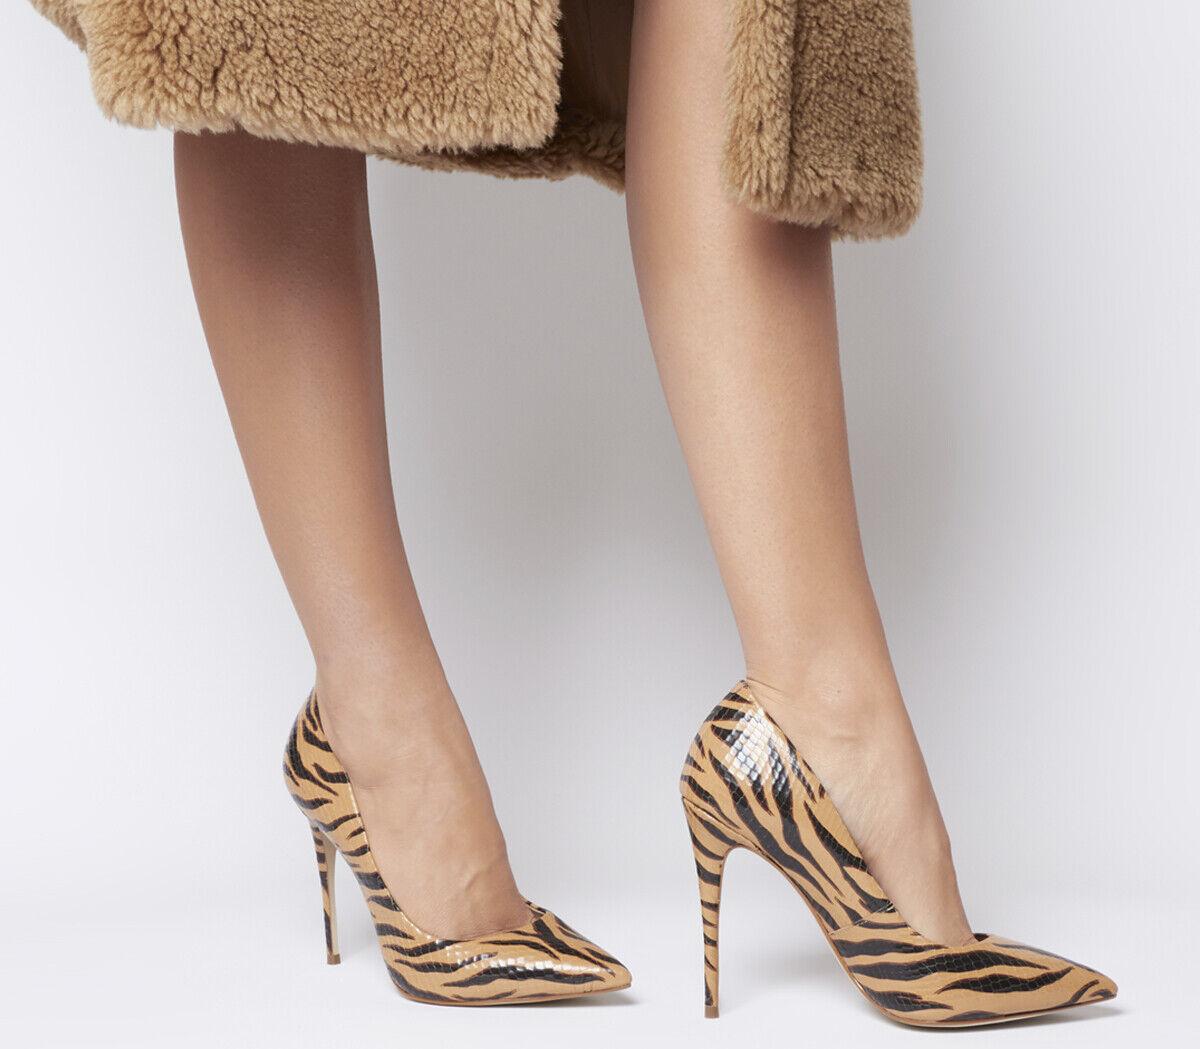 Mujer Zapatos De Tacón Oficina Oficina Oficina HighBeam Tribunal en Punta Tacones de Tigre De Cuero  ofrecemos varias marcas famosas